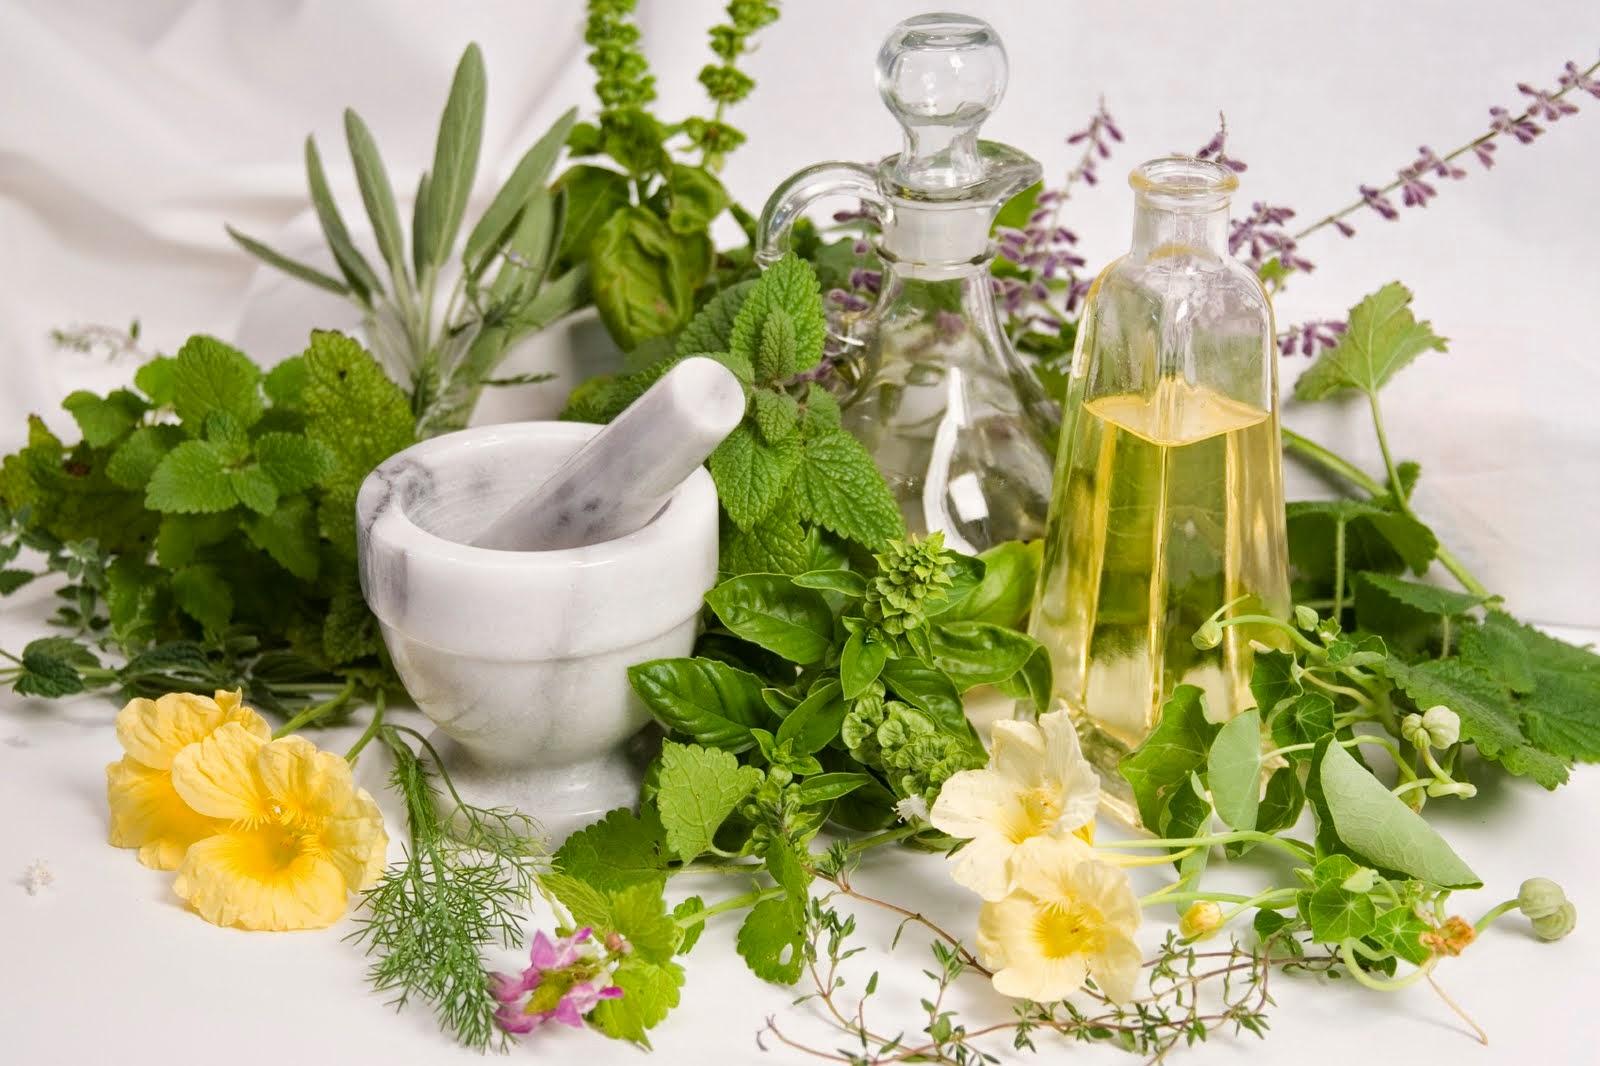 أعشاب و مكملات طبيعية لعلاج الاضطرابات النفسية